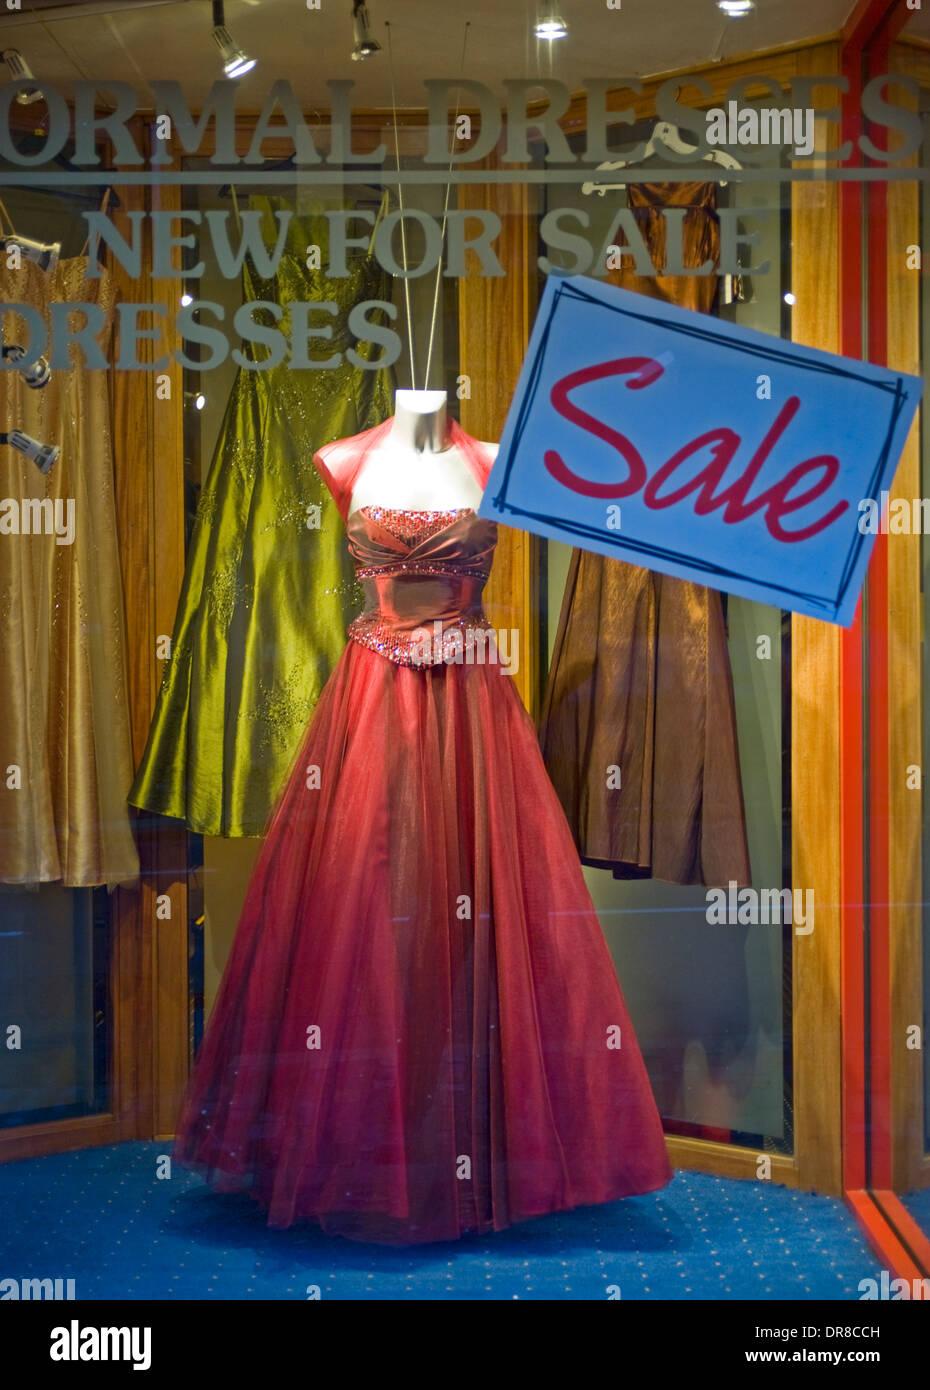 Red dress in a Belfast shop window. Stock Photo